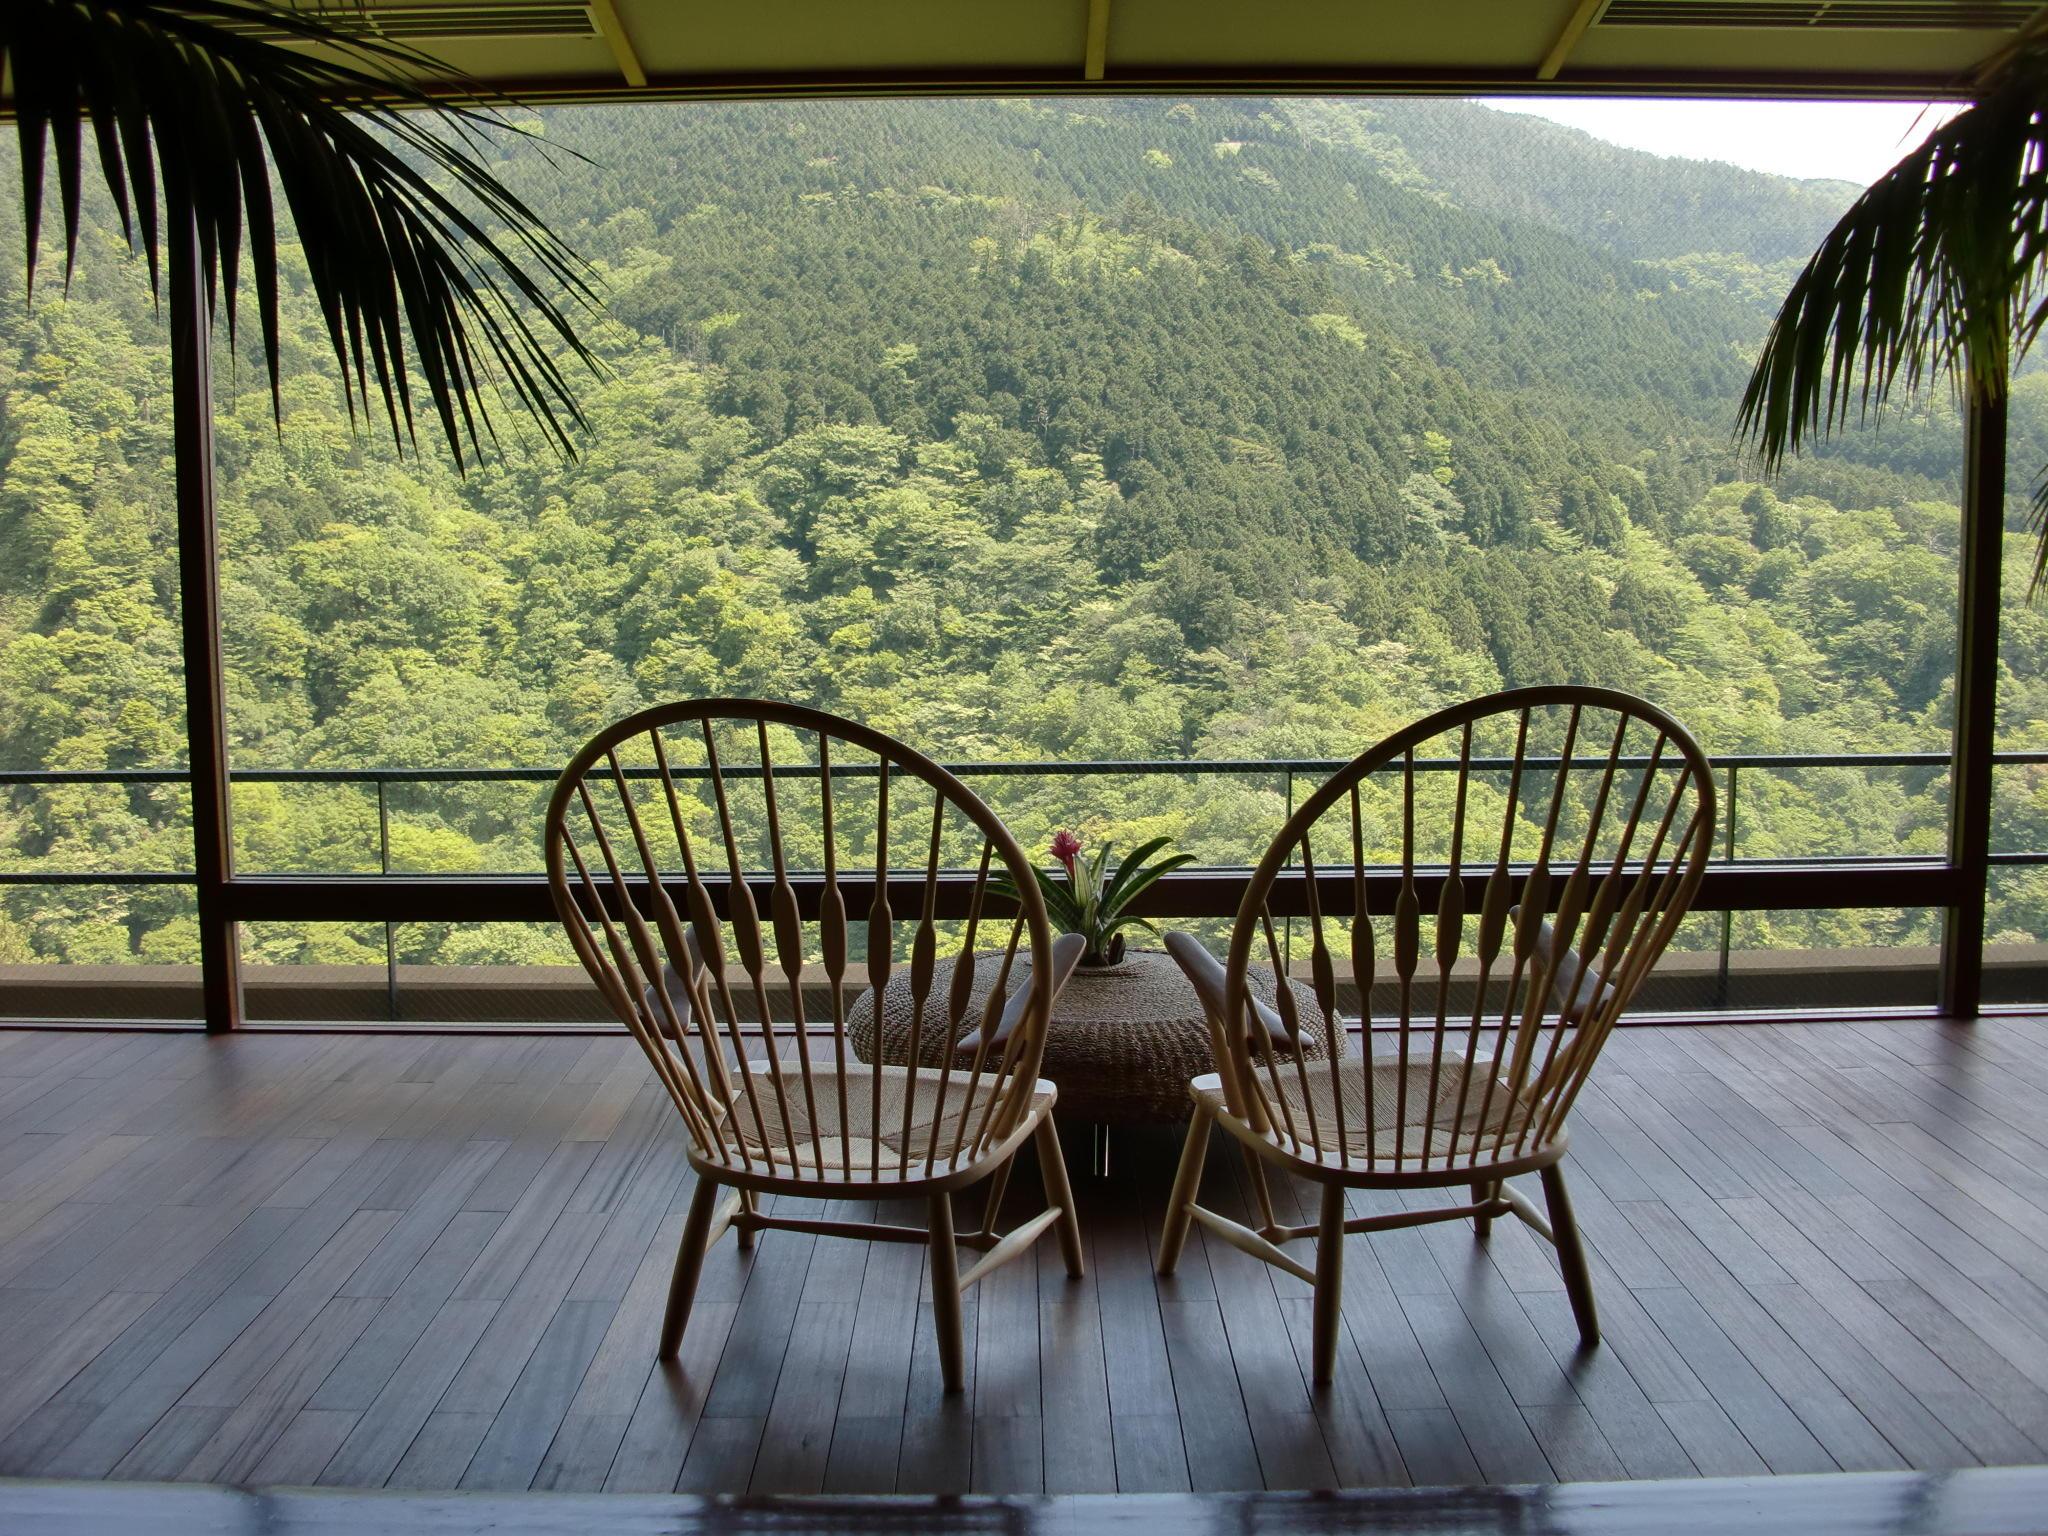 一生に一度は泊まりたい! 箱根・極上こだわり温泉宿ツアー